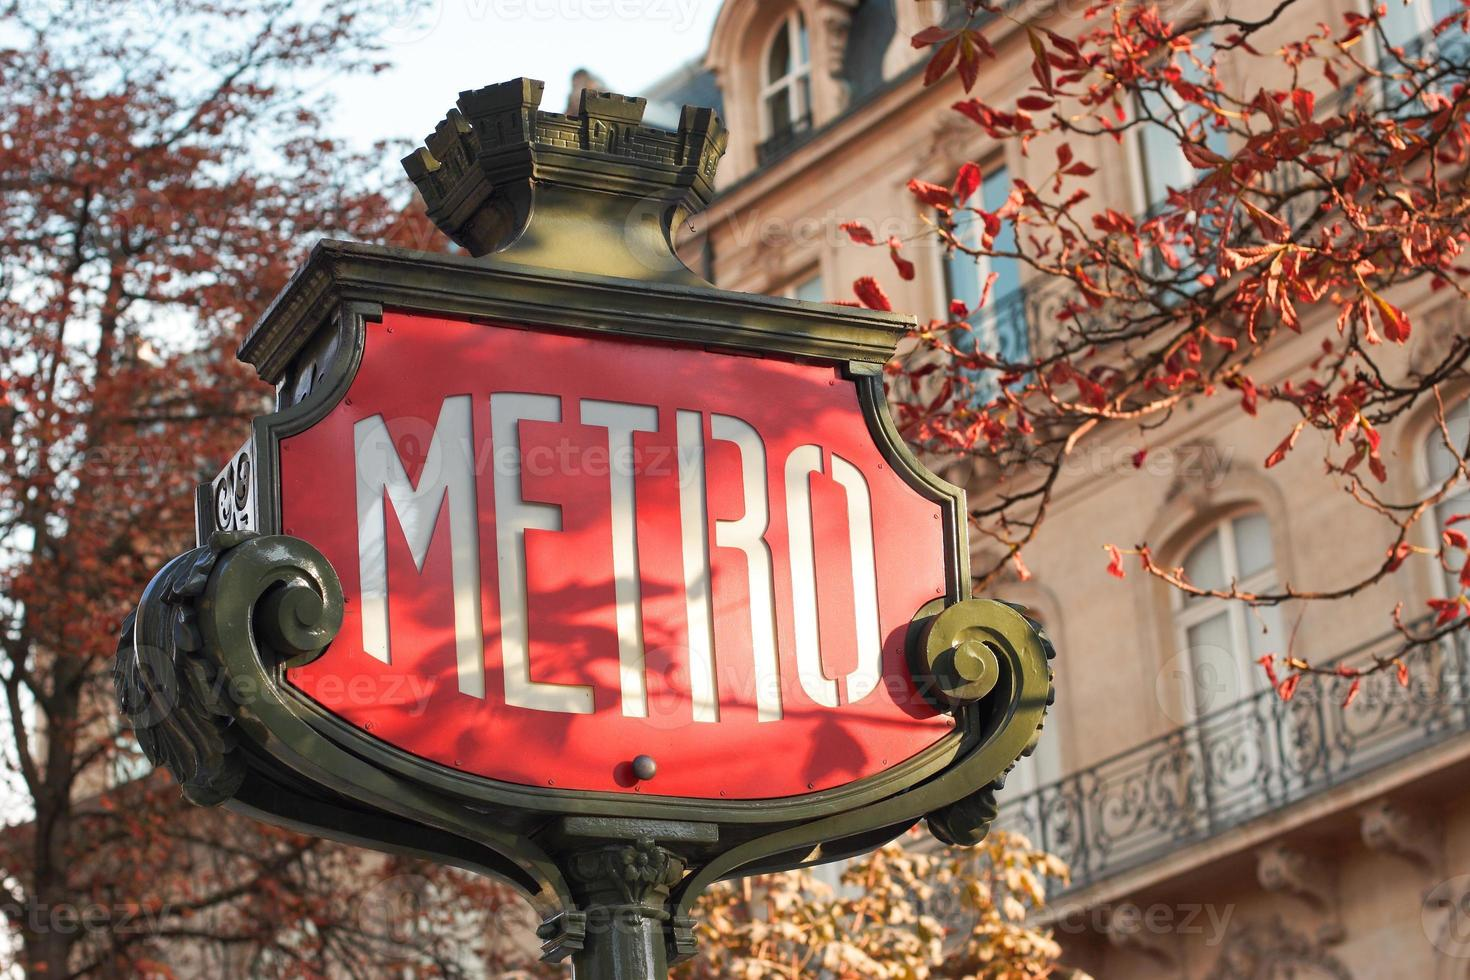 metro teken in Parijs - horizontaal, close-up foto